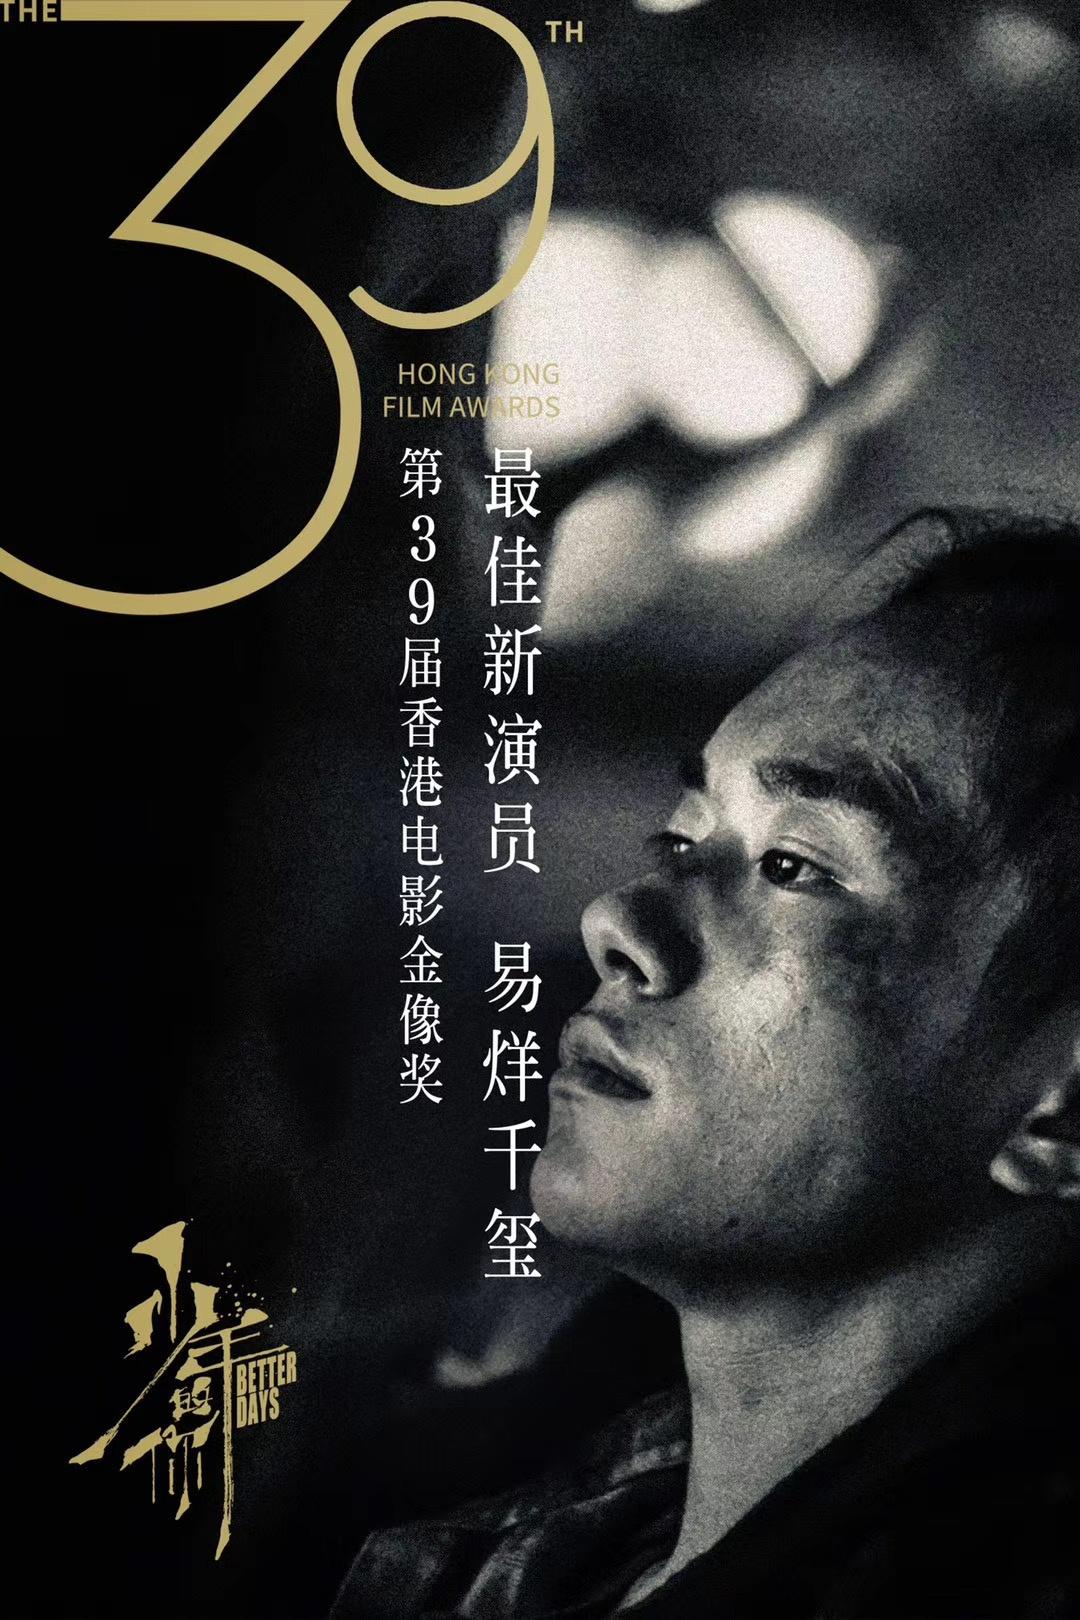 电影投资:《少年的你》横扫金像,演员易烊千玺,再努力!